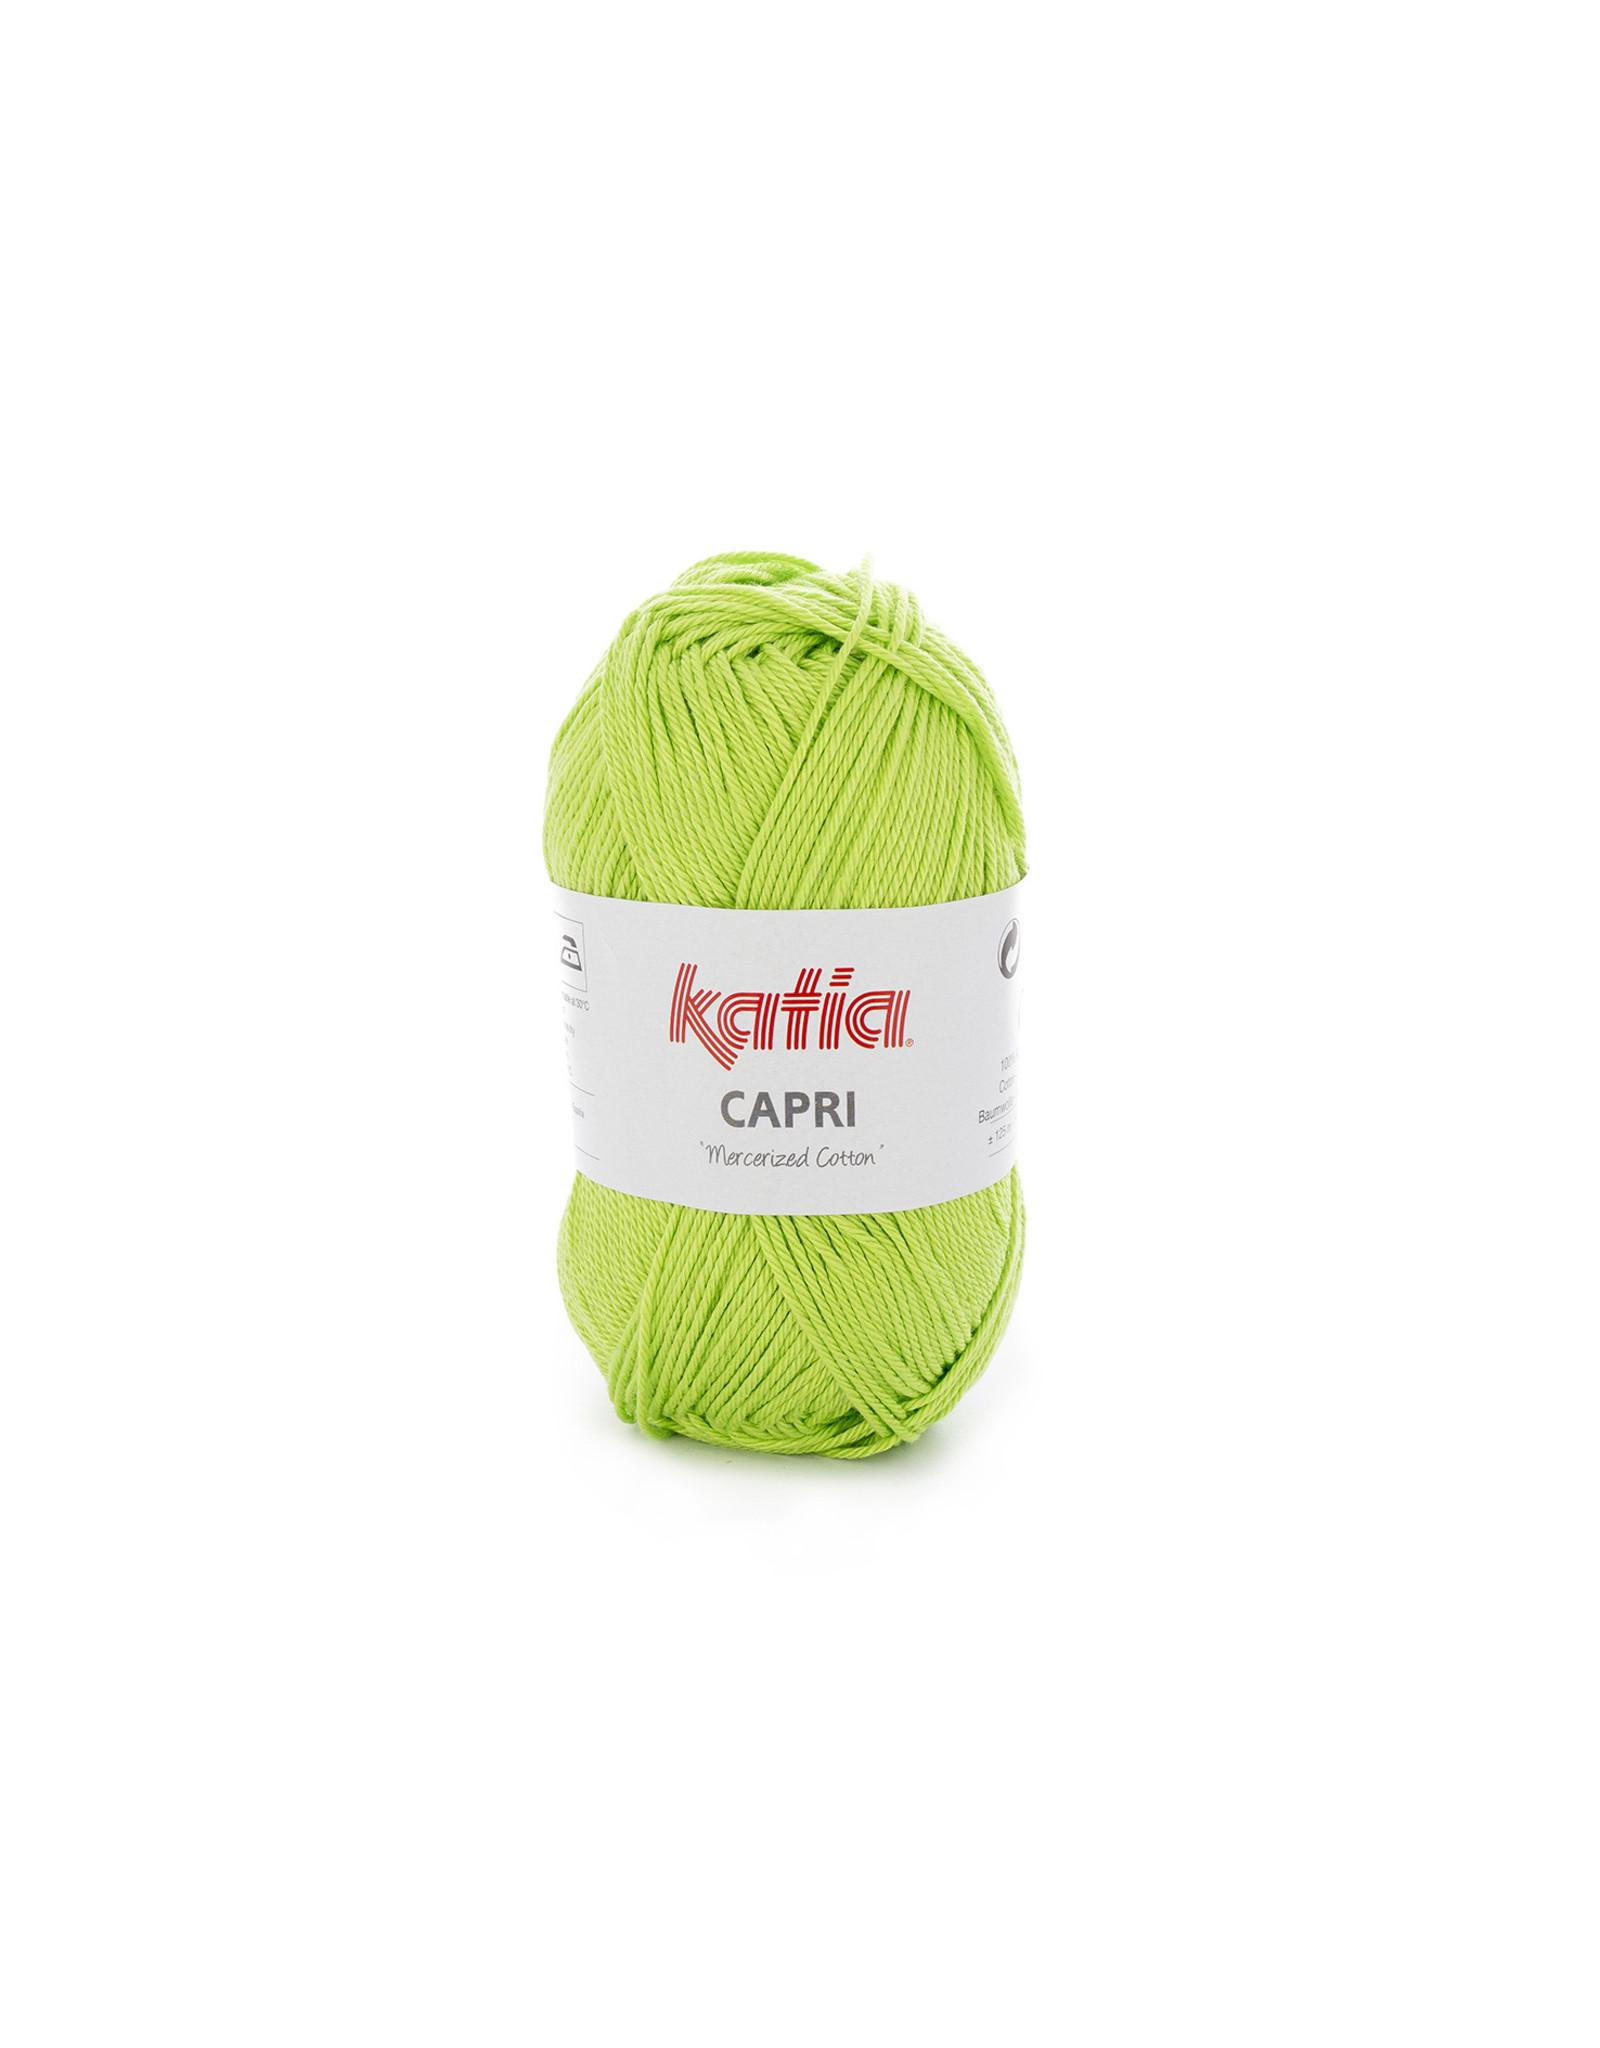 Katia Katia Capri - kleur 160 Geelgroen - bundel 5 x 50 gr. / 125 m. - 100% katoen